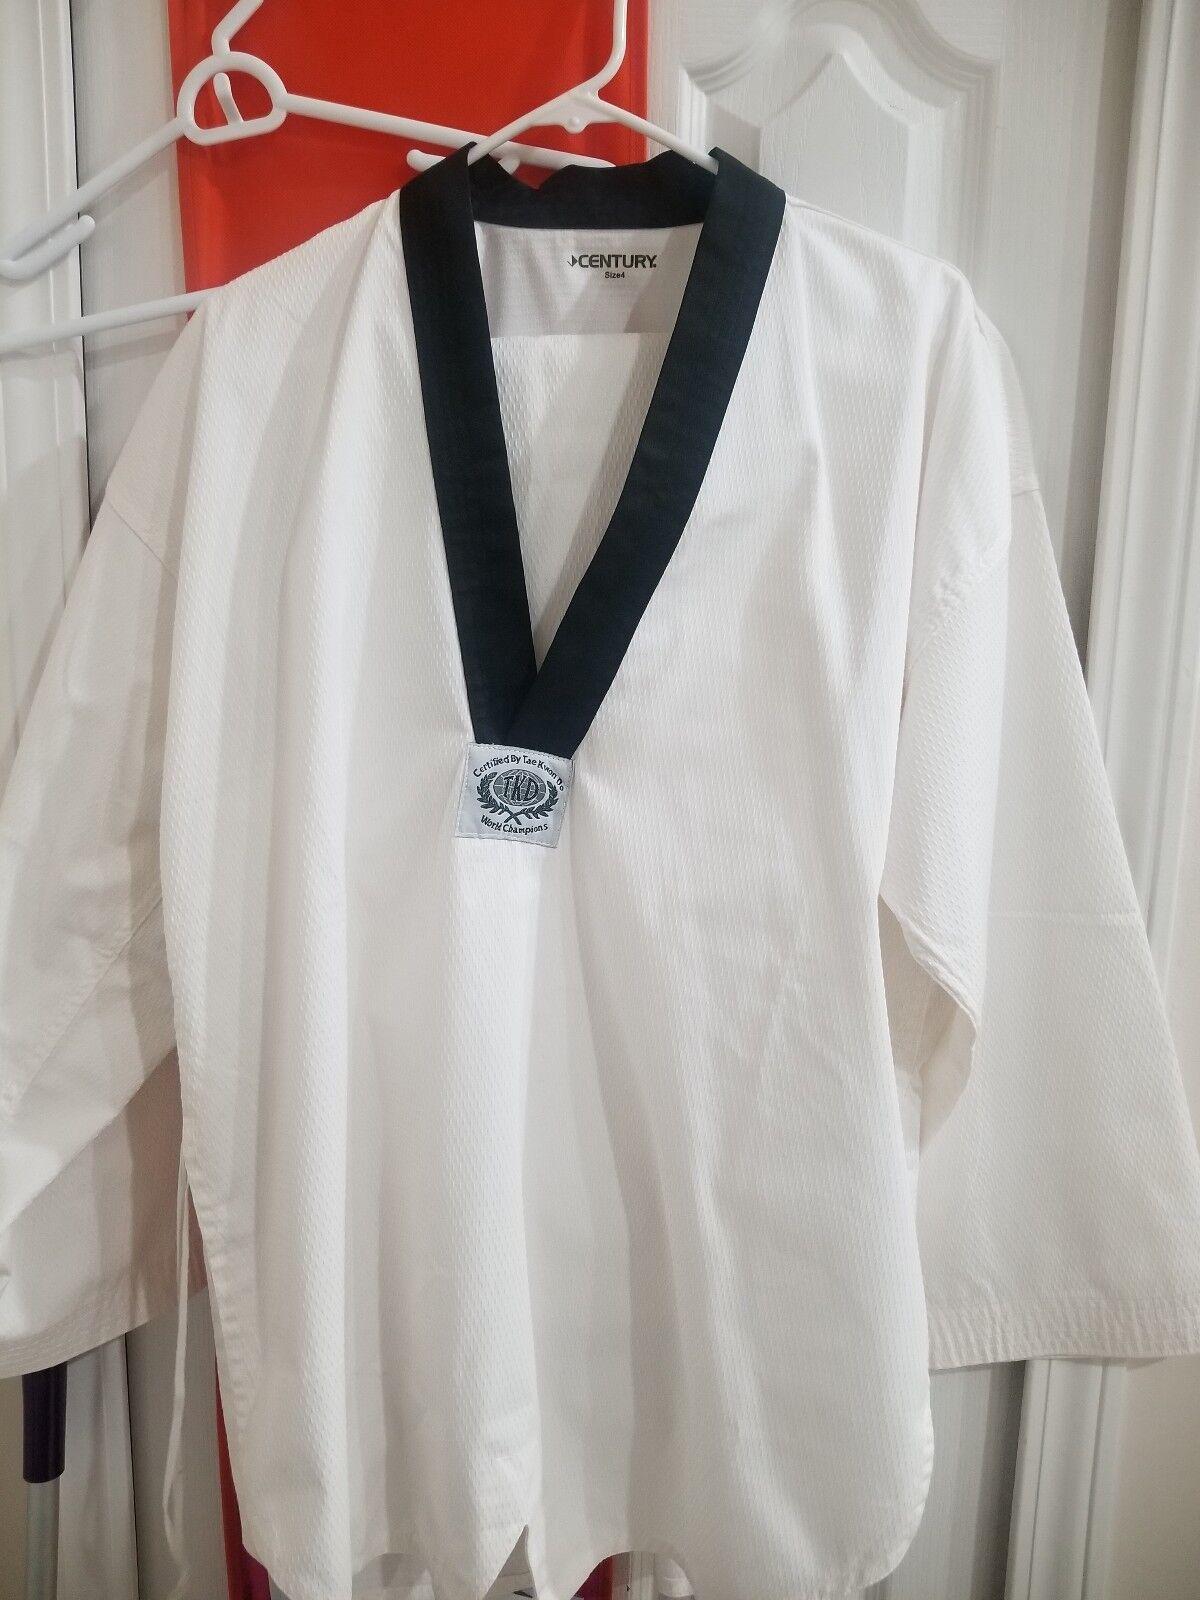 Century Taekwondo Gi Size 4